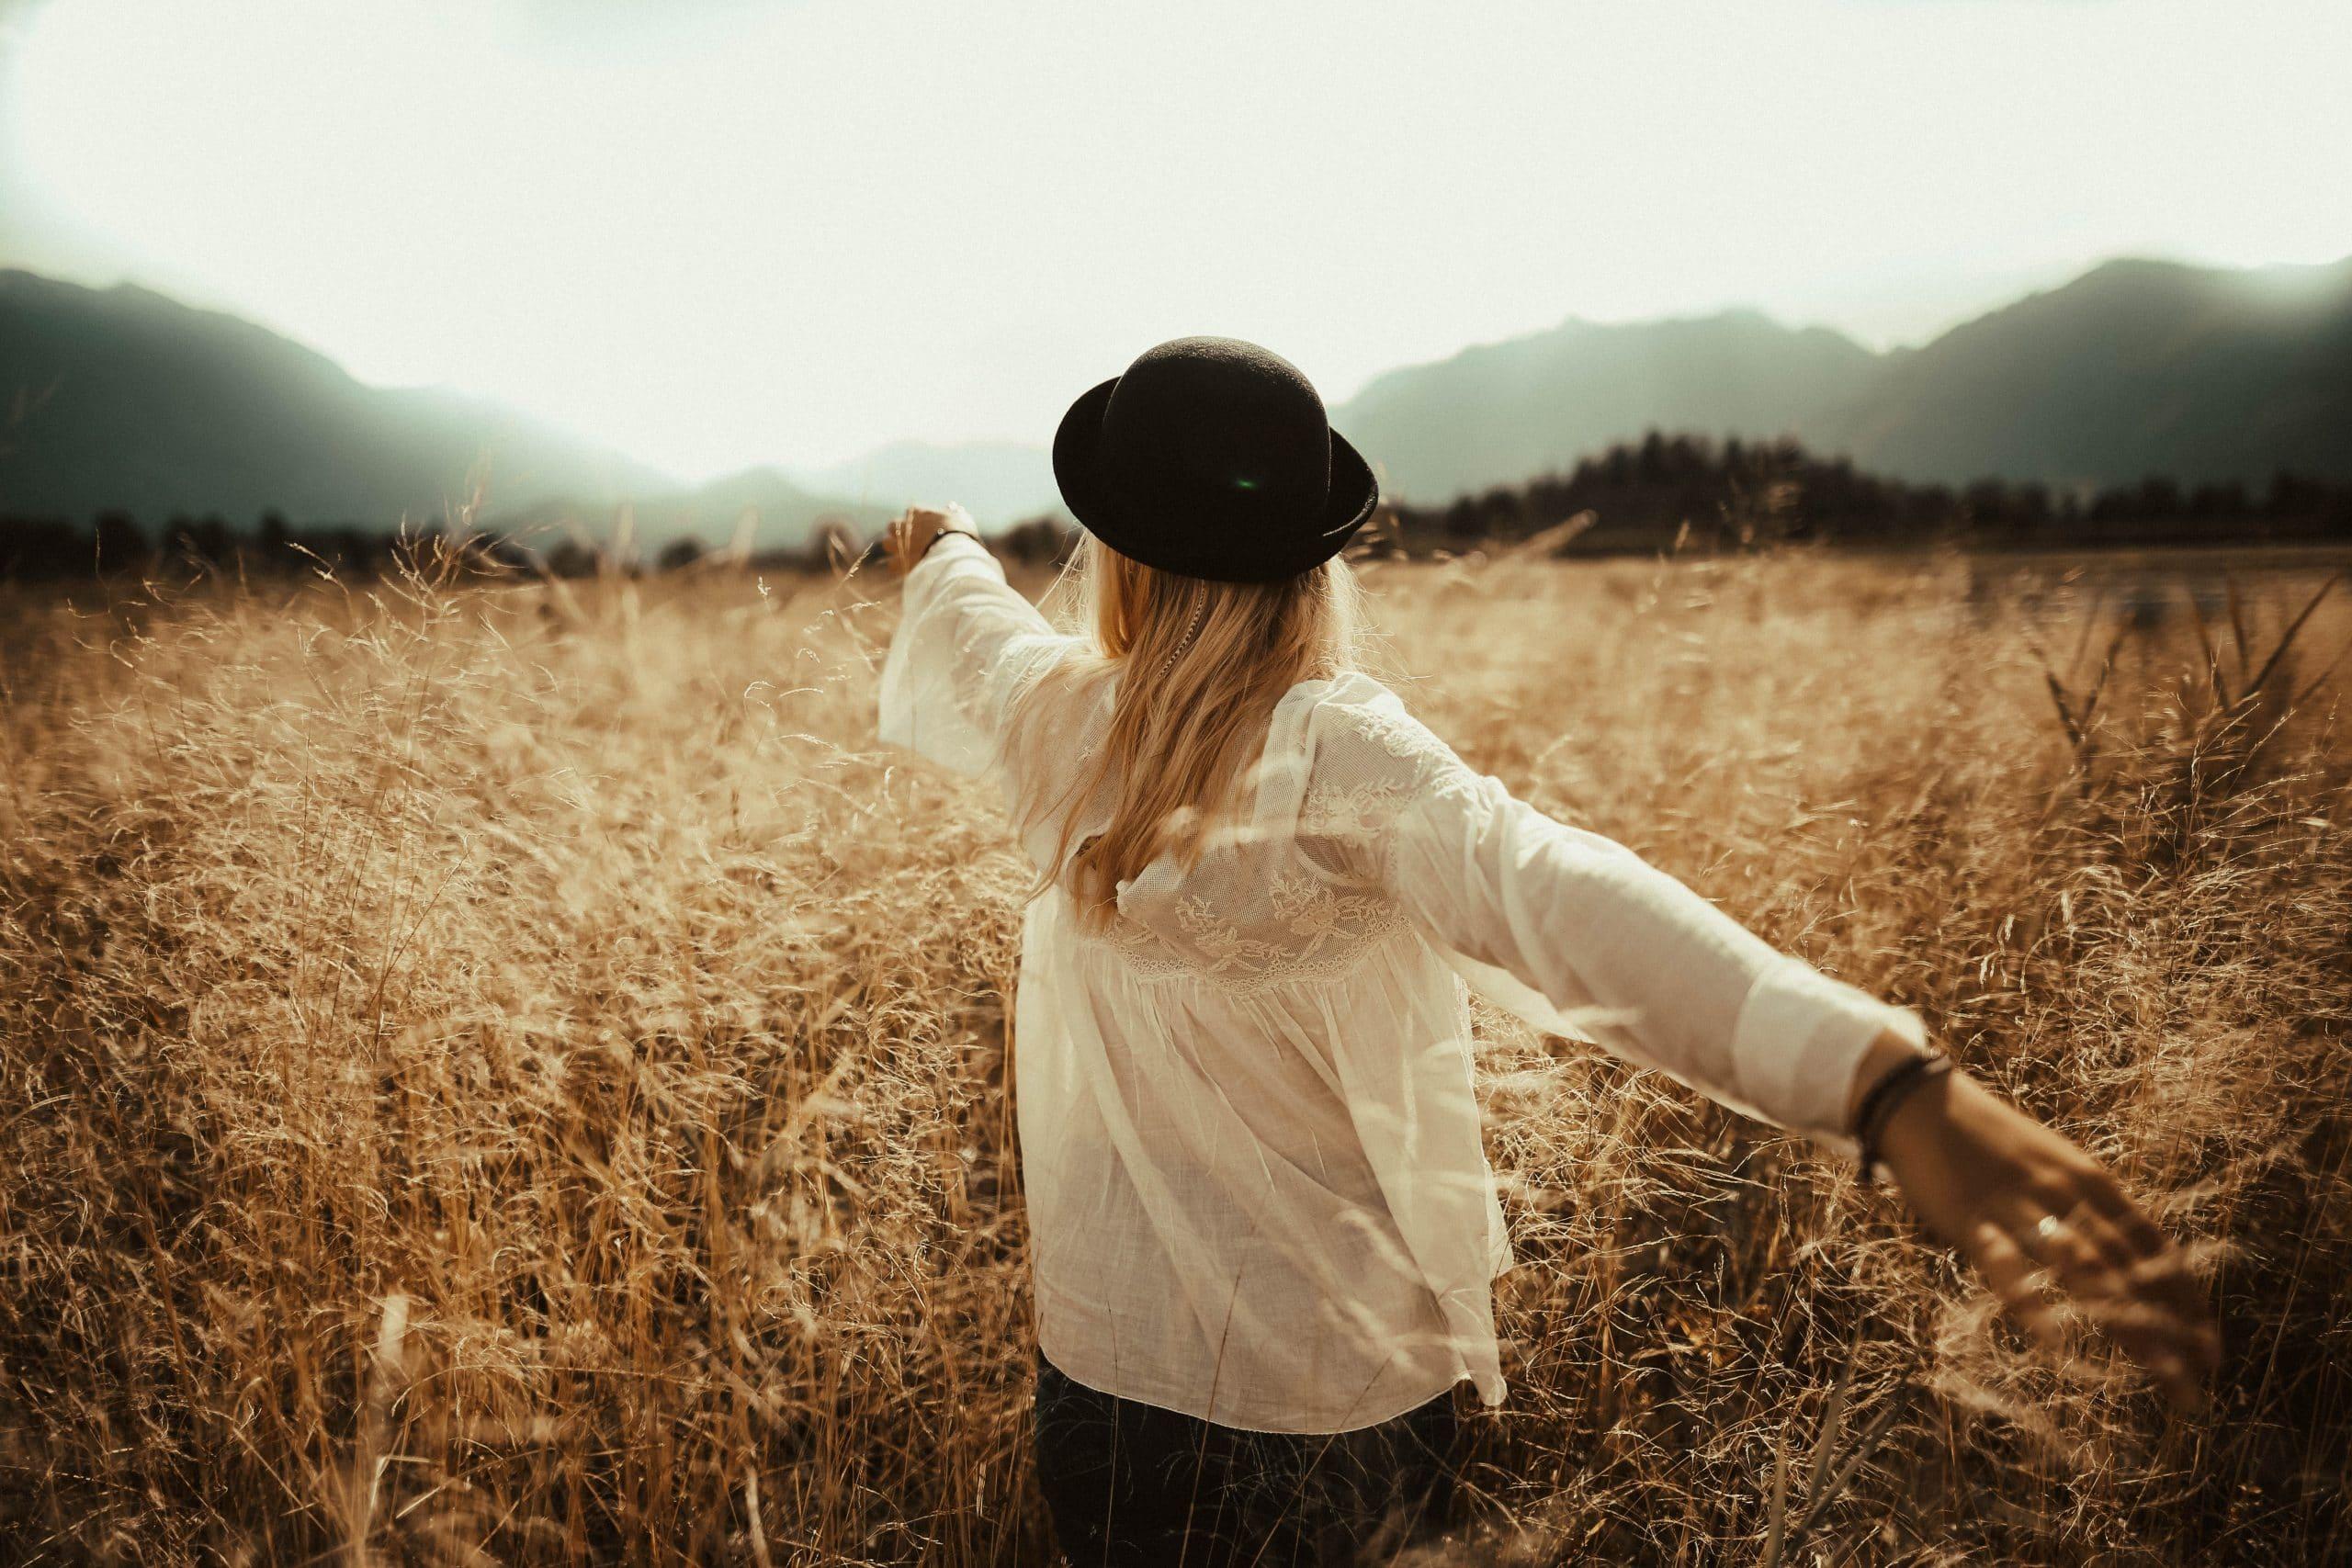 Mulher em campo com plantas secas usando chapéu e braços abertos e cabelo solto